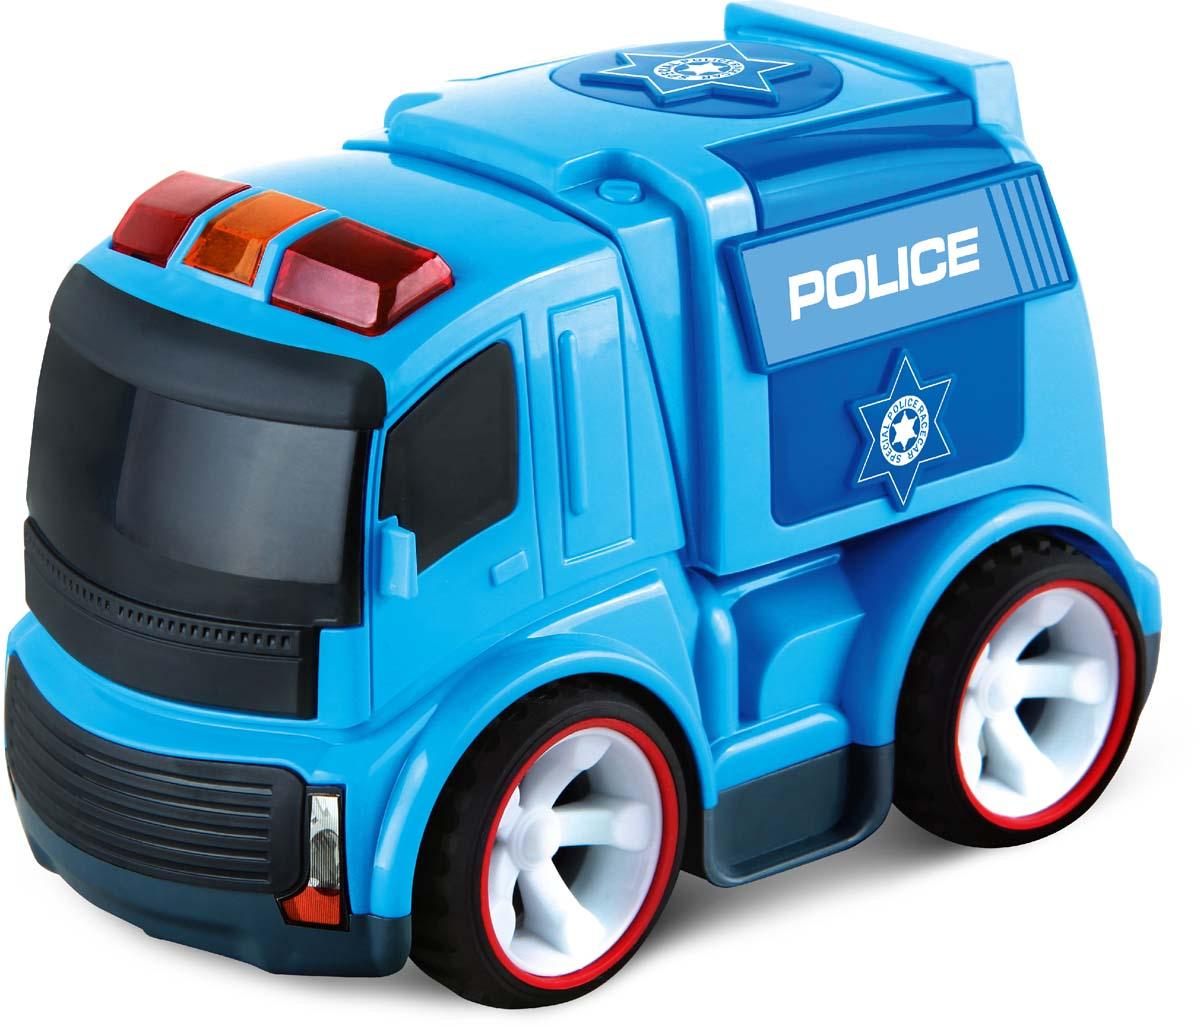 Blue Sea Машинка инерционная Полиция пламенный мотор машинка инерционная volvo полиция дпс гу бдд